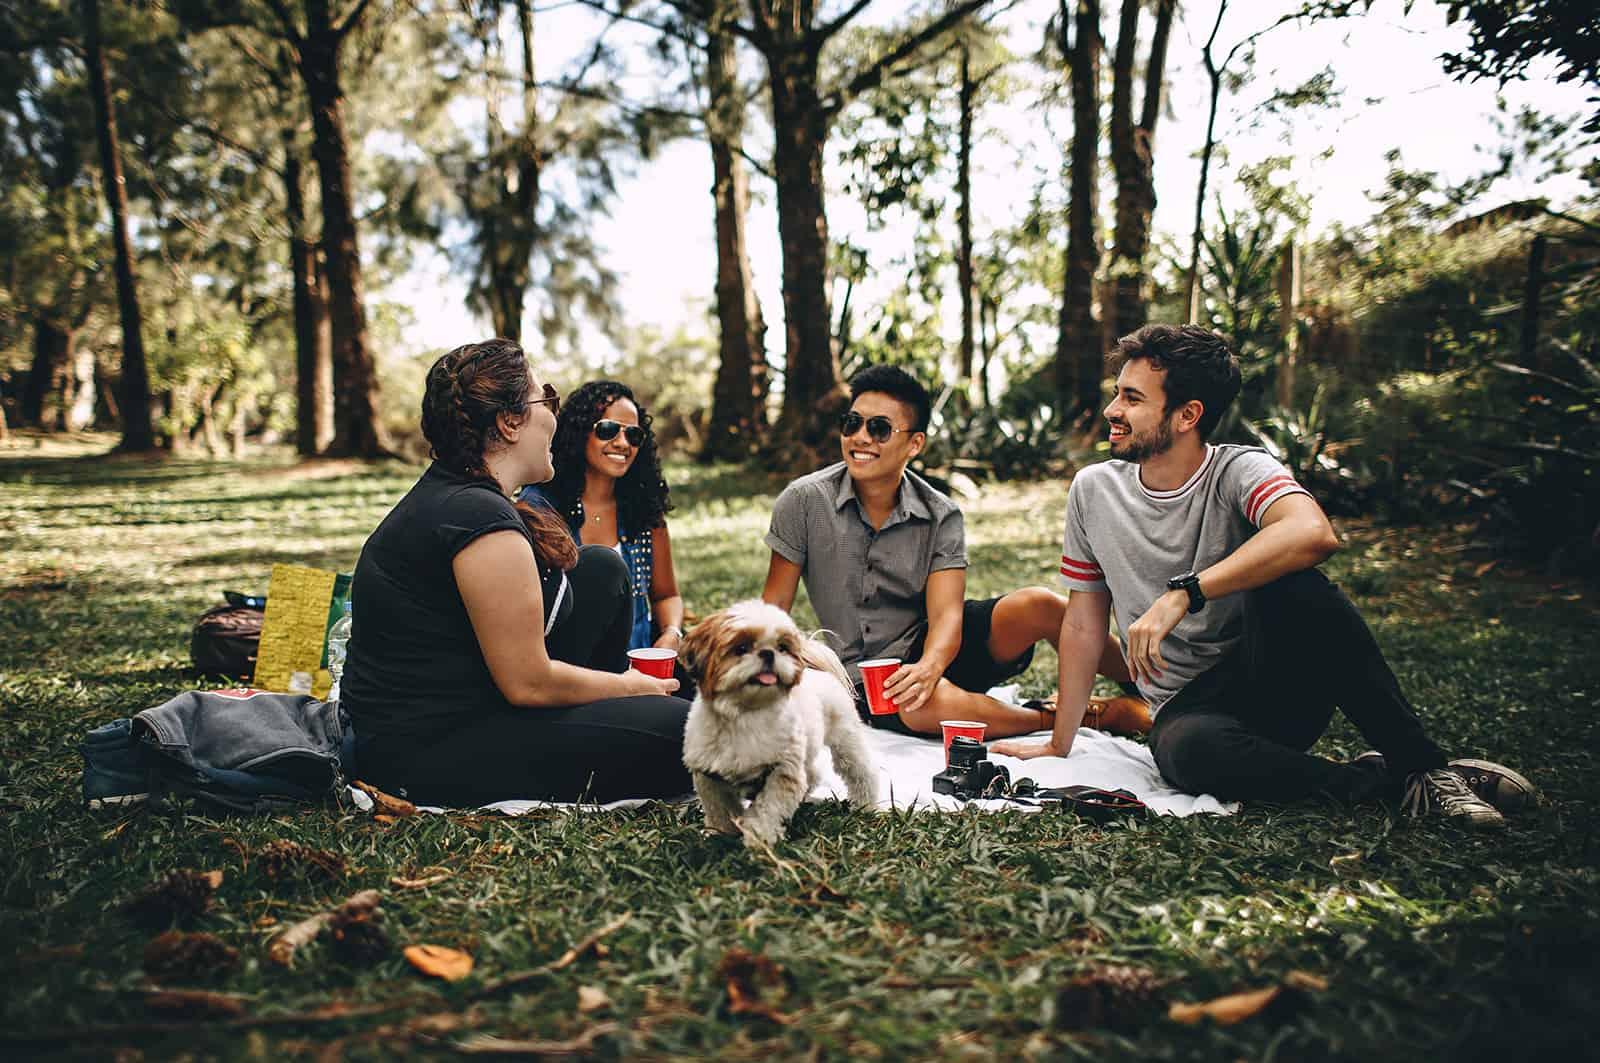 fröhlicher Freund, der ein Picknick während des doppelten Dates hat